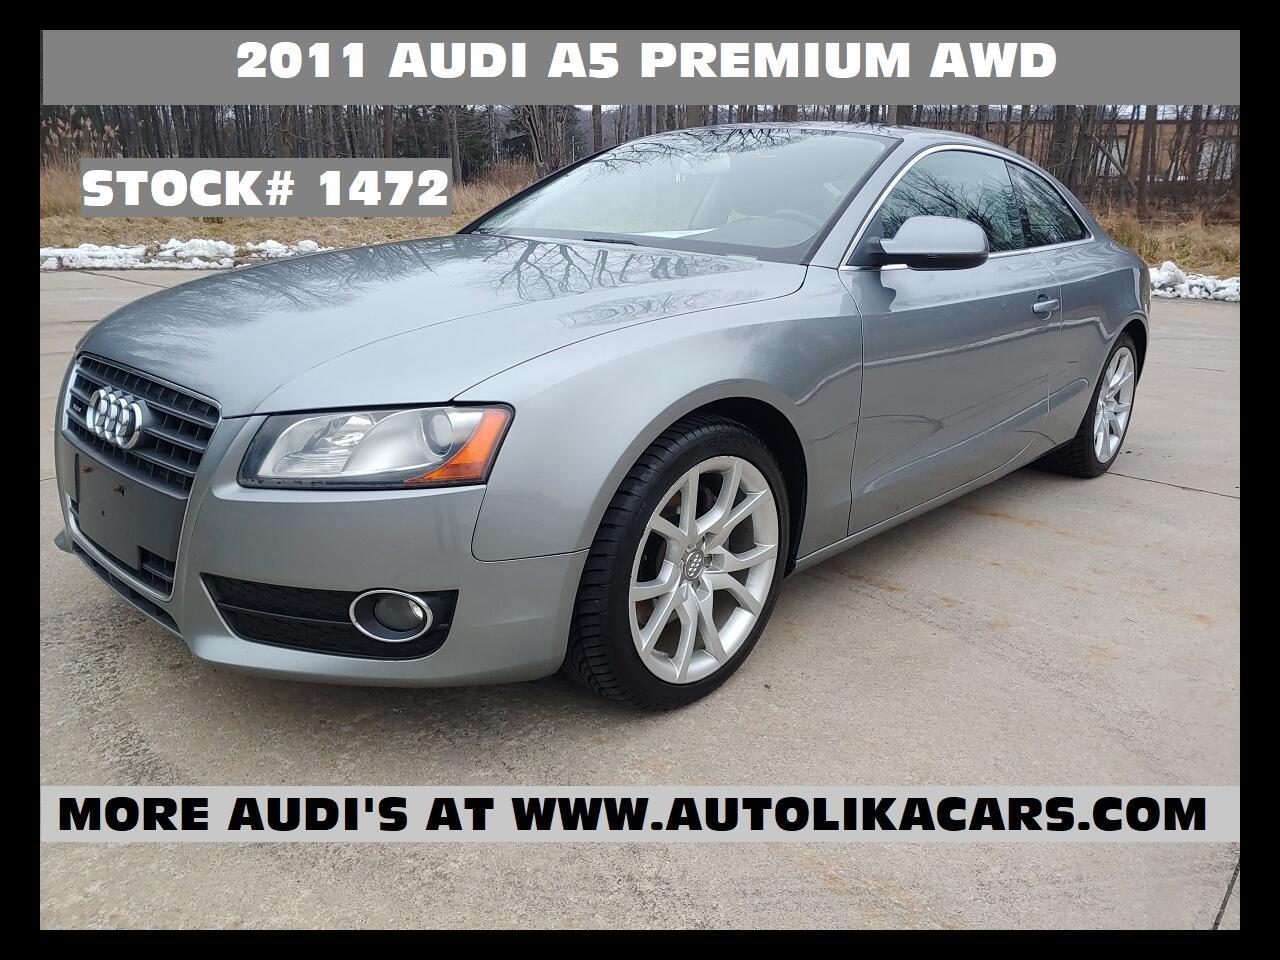 Audi A5 2dr Cpe Auto quattro 2.0T Premium 2011